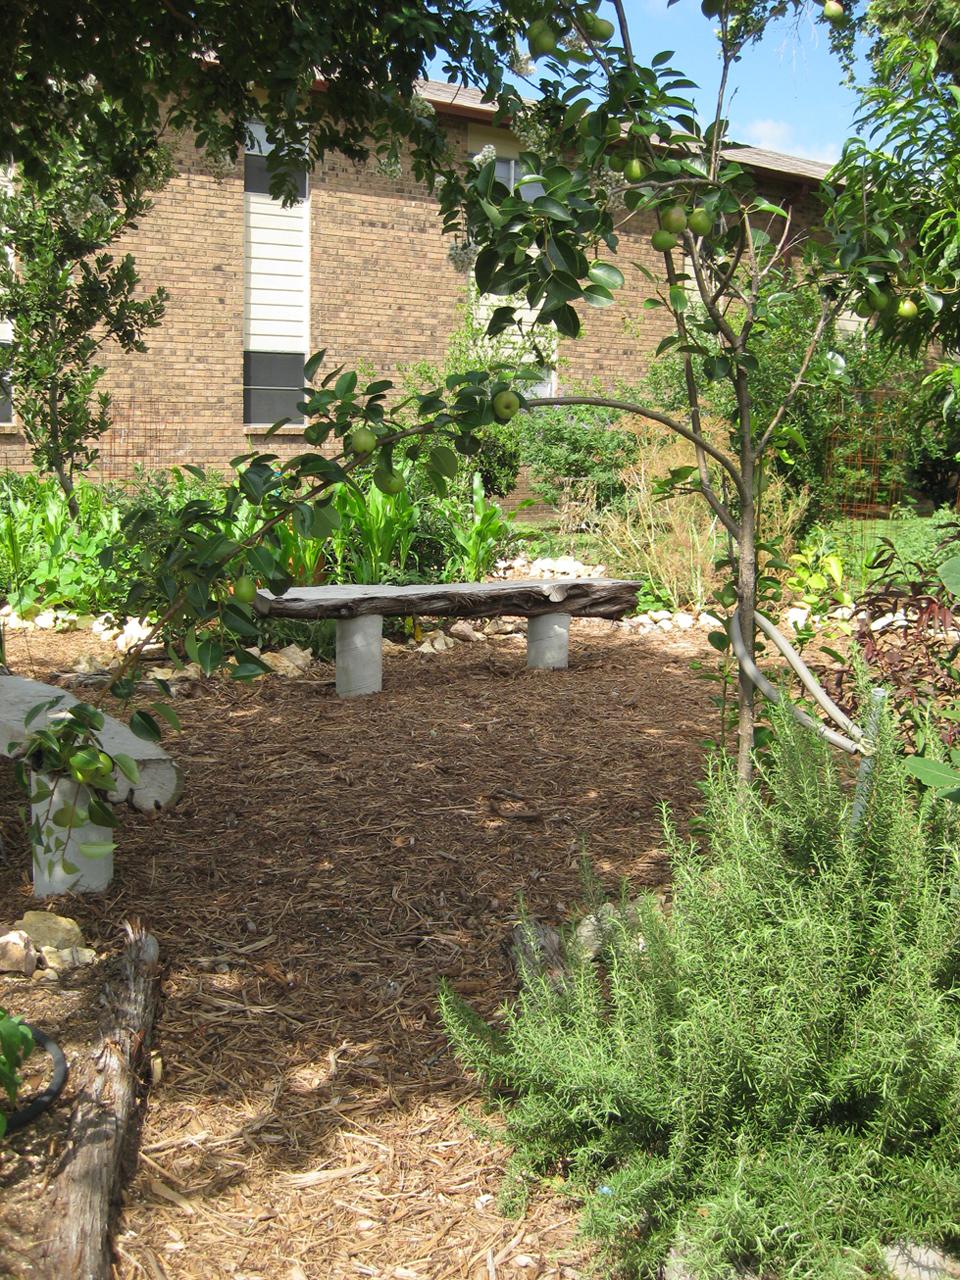 edible estates #5: AUSTIN, TX / THE GARDEN